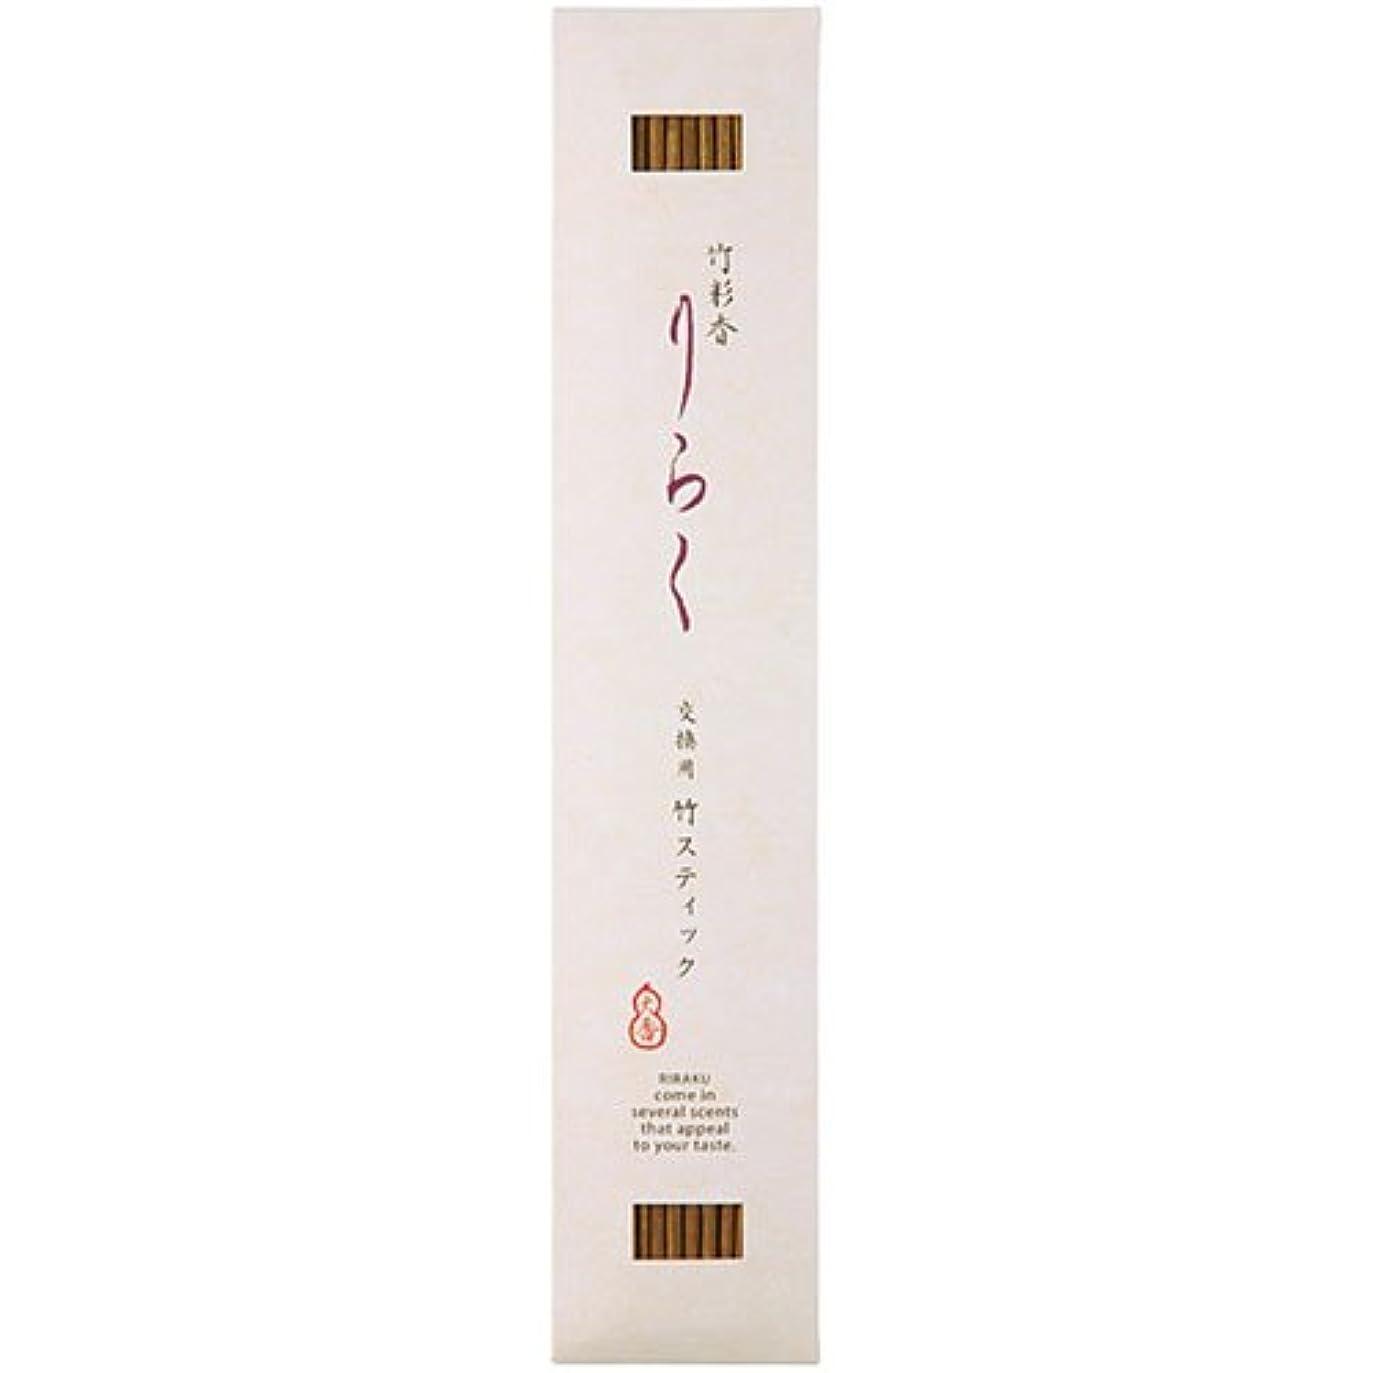 思われる厳密に精神的に竹彩香りらく 交換用竹スティック白檀の色 10本